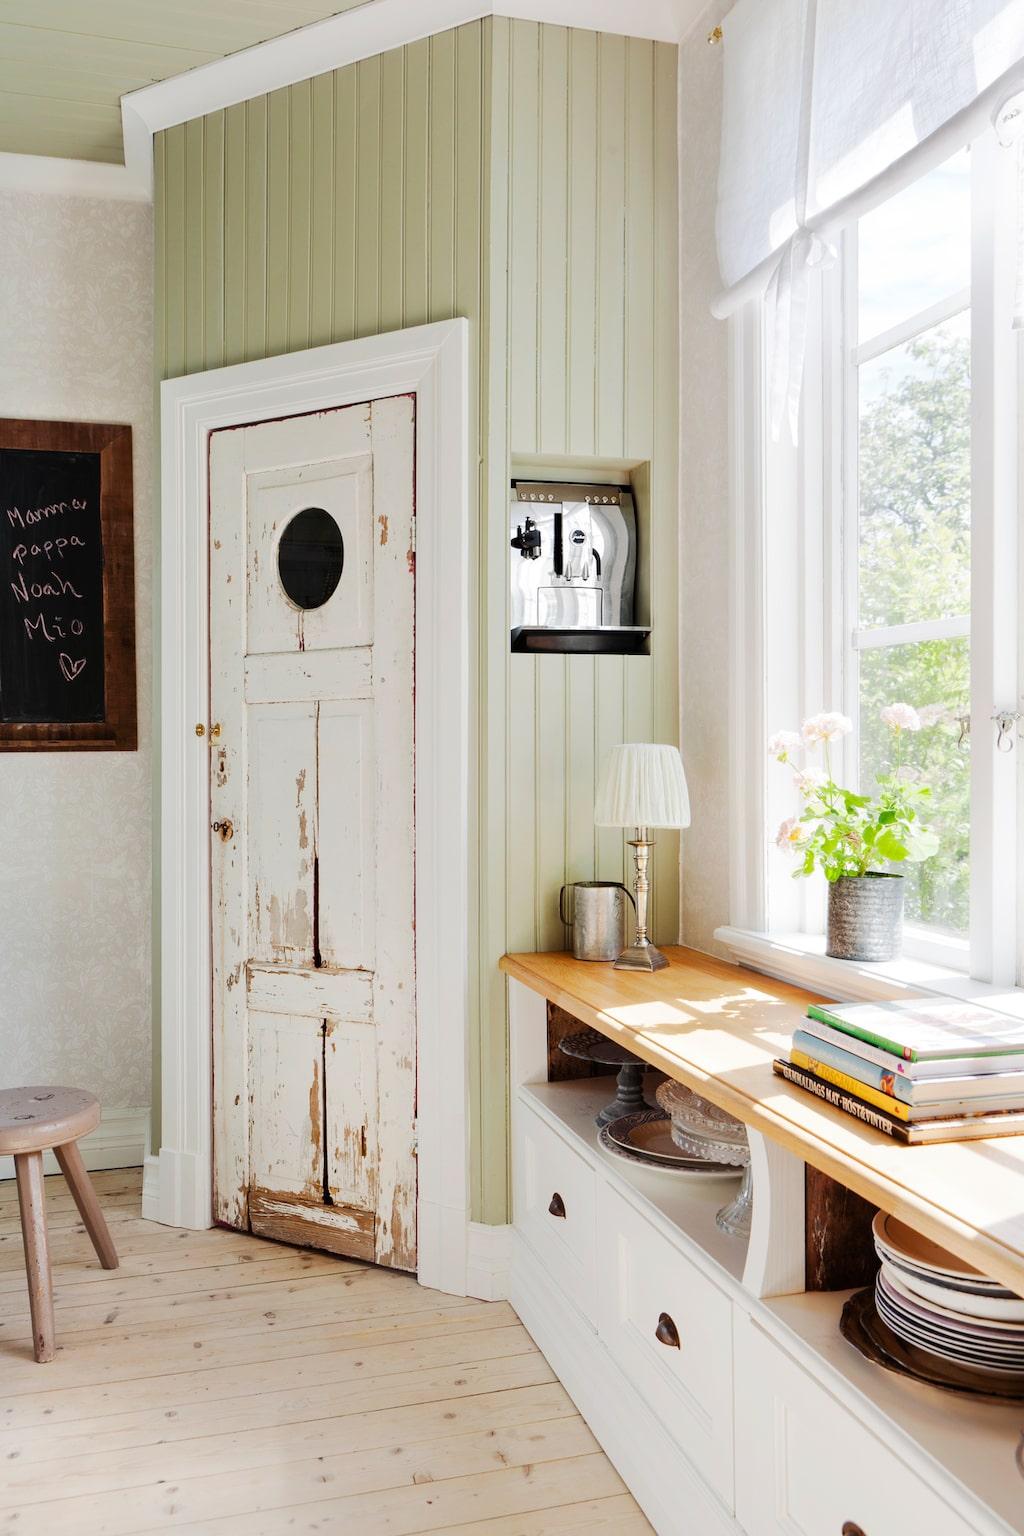 All köksinredning är byggd av Johan. Bänkskivorna är gjorda i materialet Cavino, skafferidörren fanns i huset. Knoppar och handtag kommer från Specialbeslag.